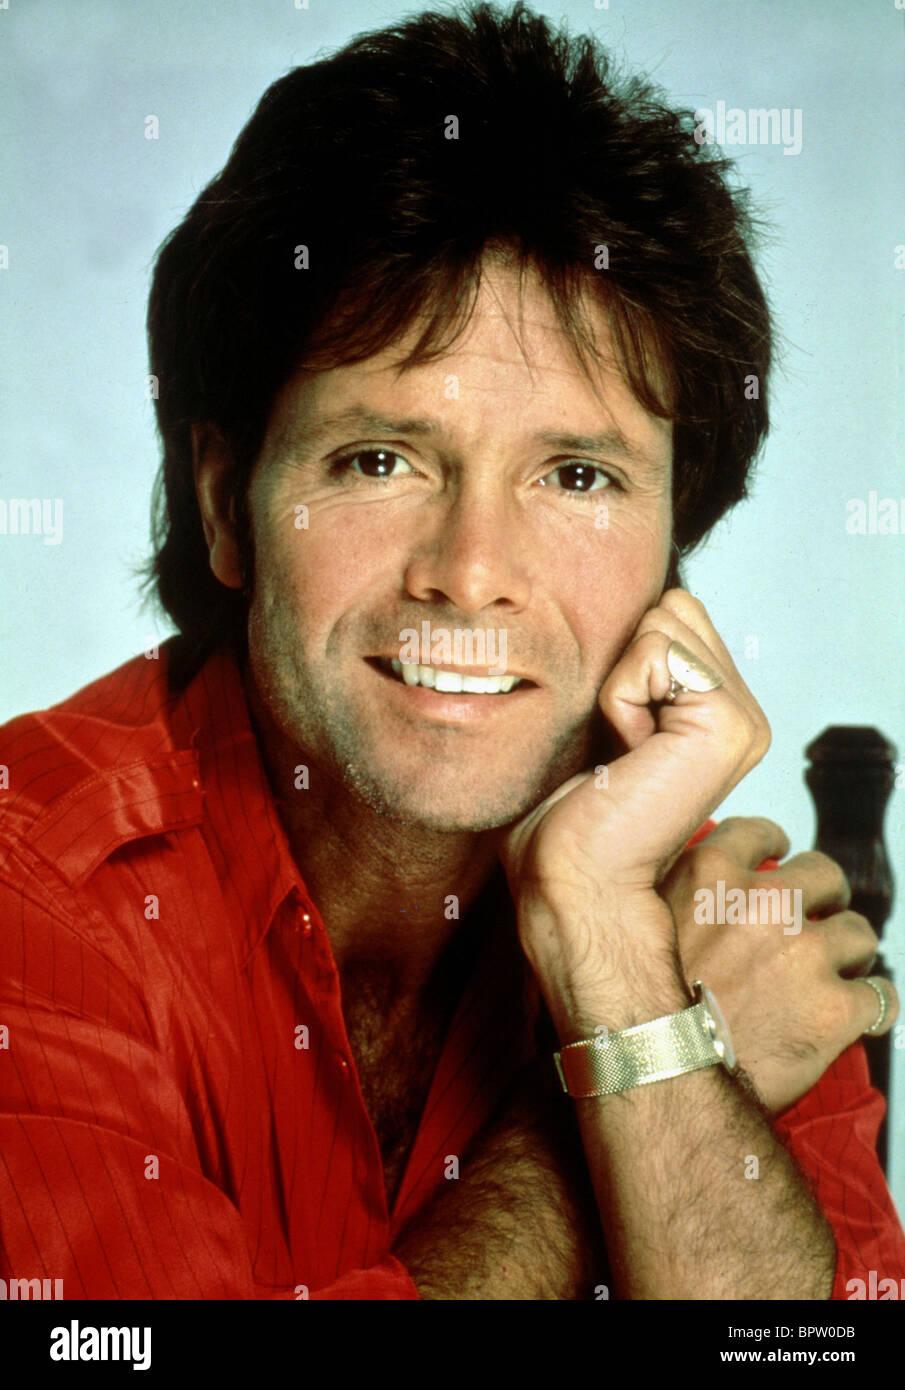 CLIFF RICHARD SINGER (1980) - Stock Image